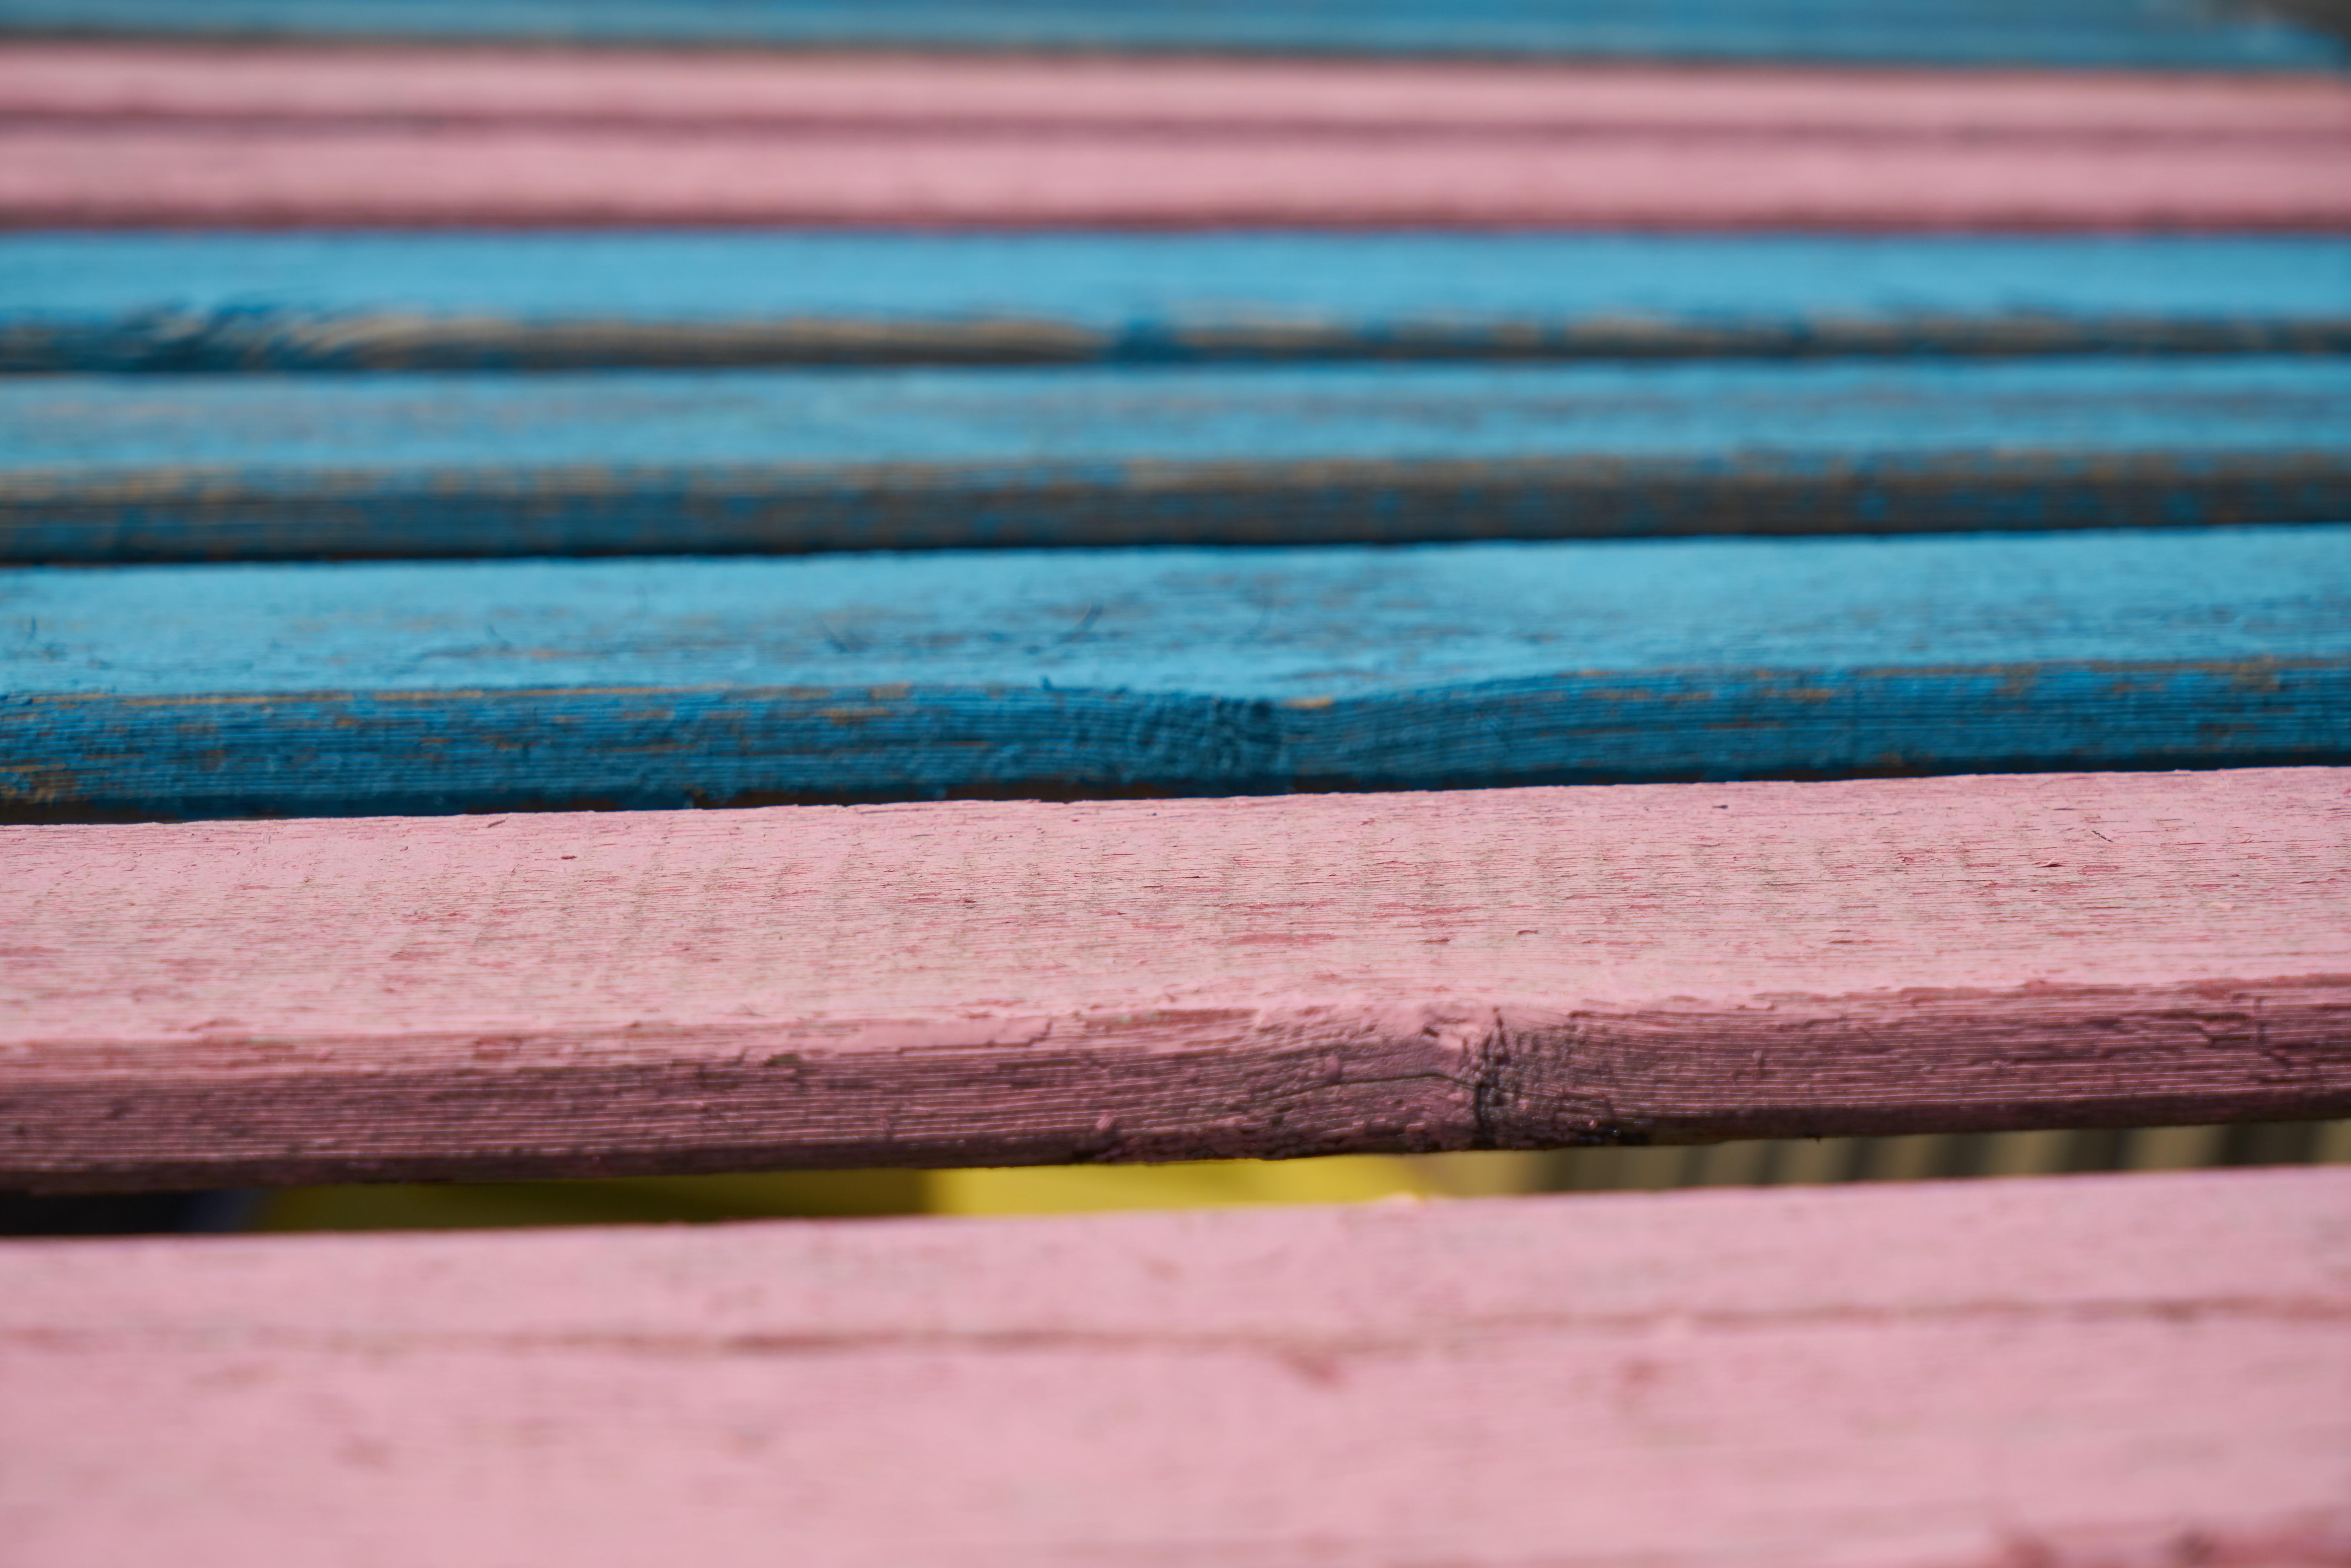 Assi Di Legno Hd : Free stock photo of assi in legno legno